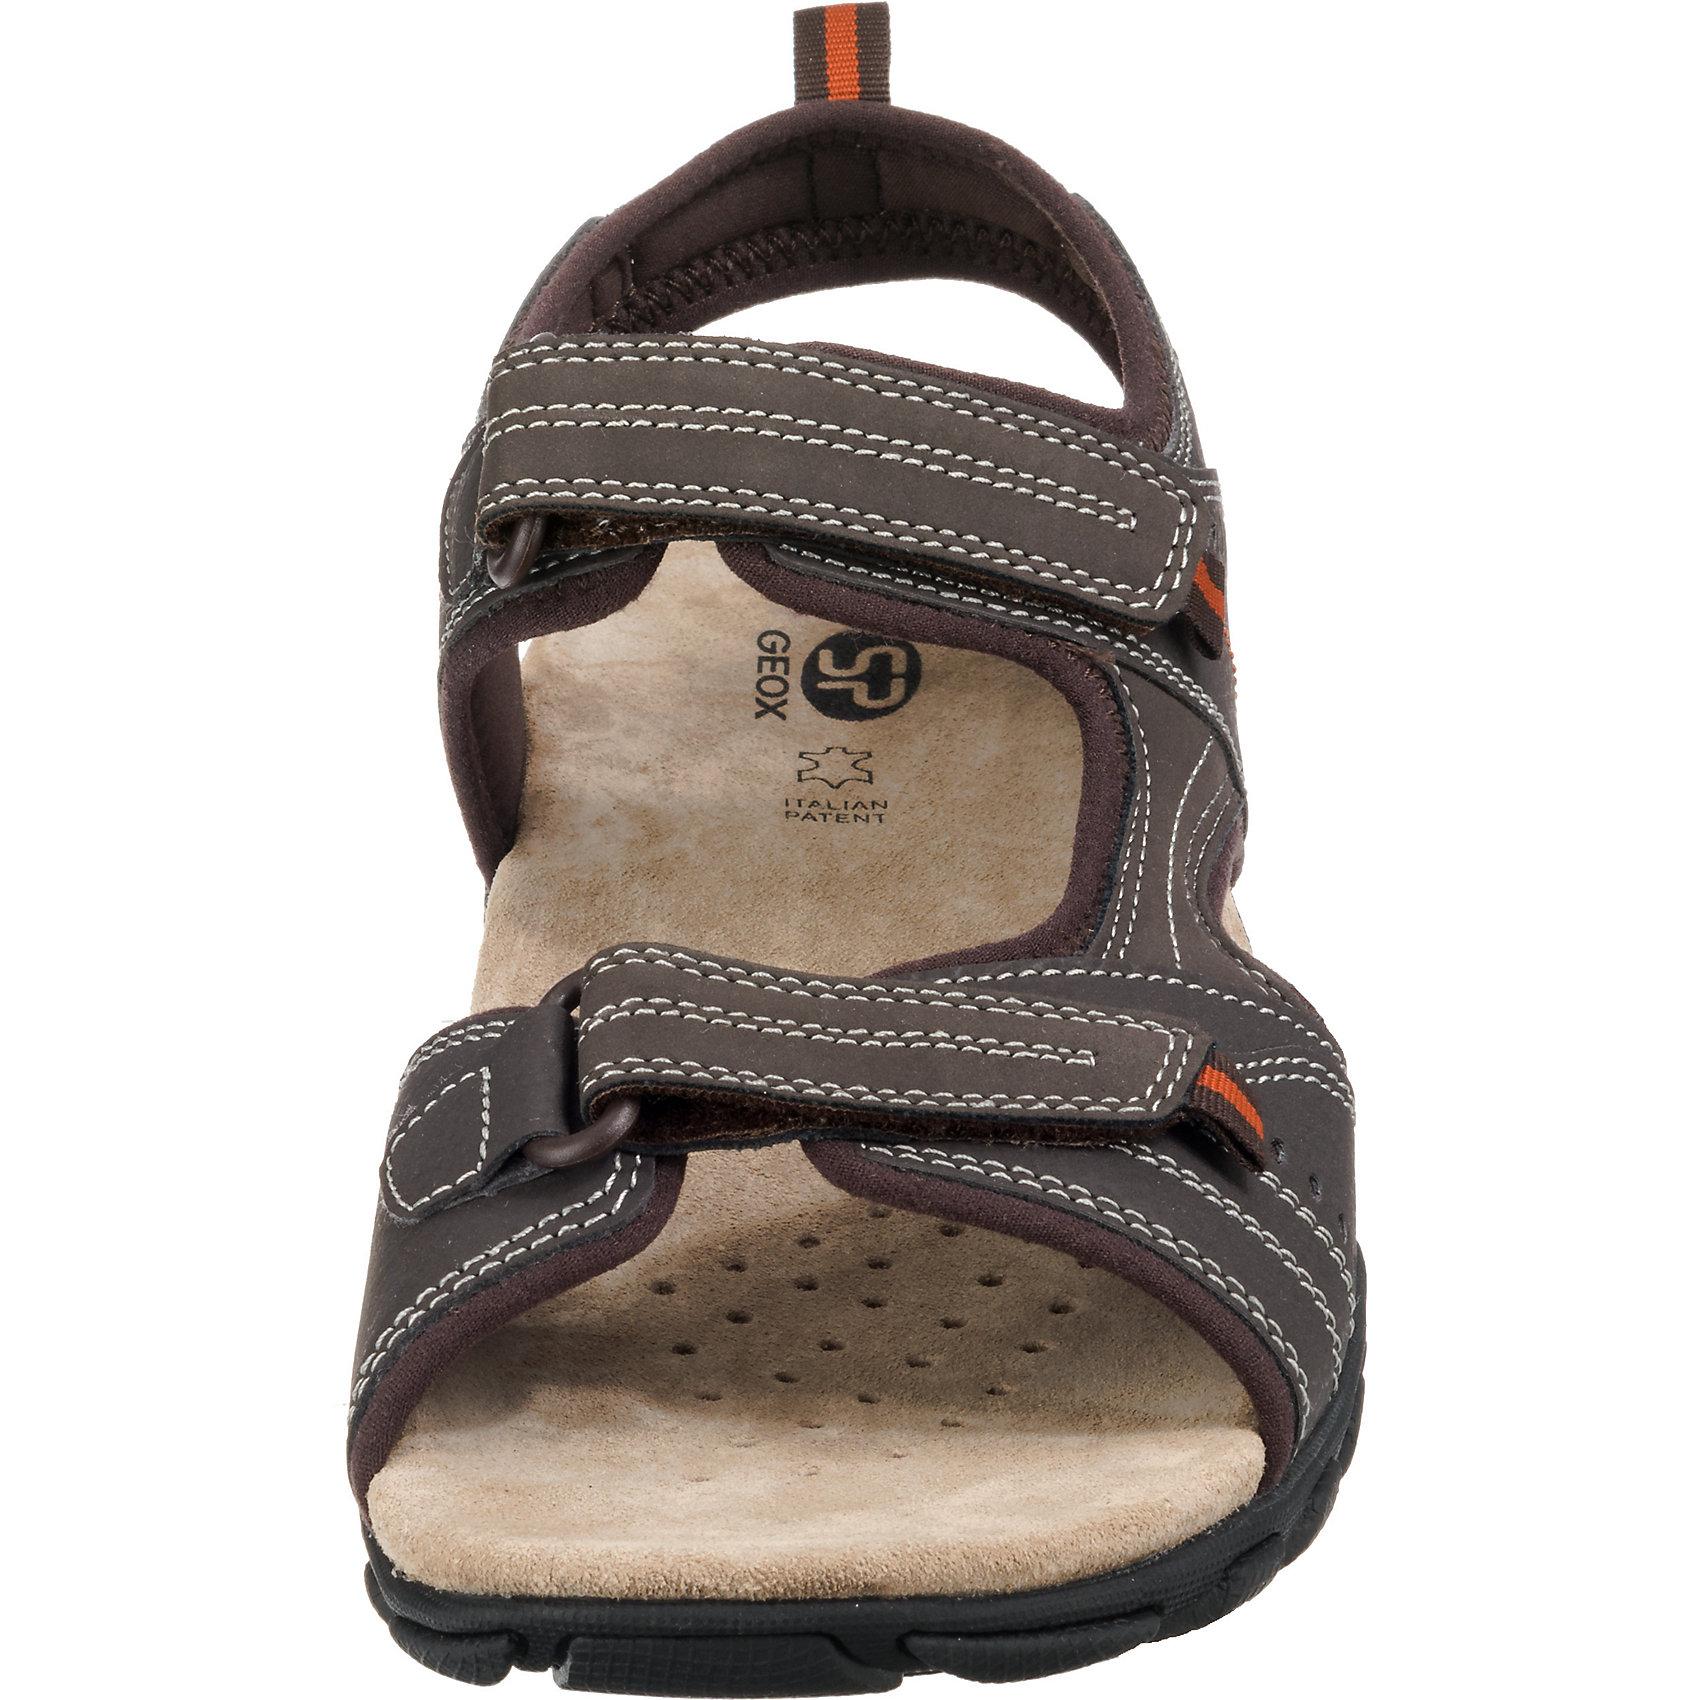 Neu GEOX Komfort-Sandalen 10589281 für Herren braun      6bf9f4